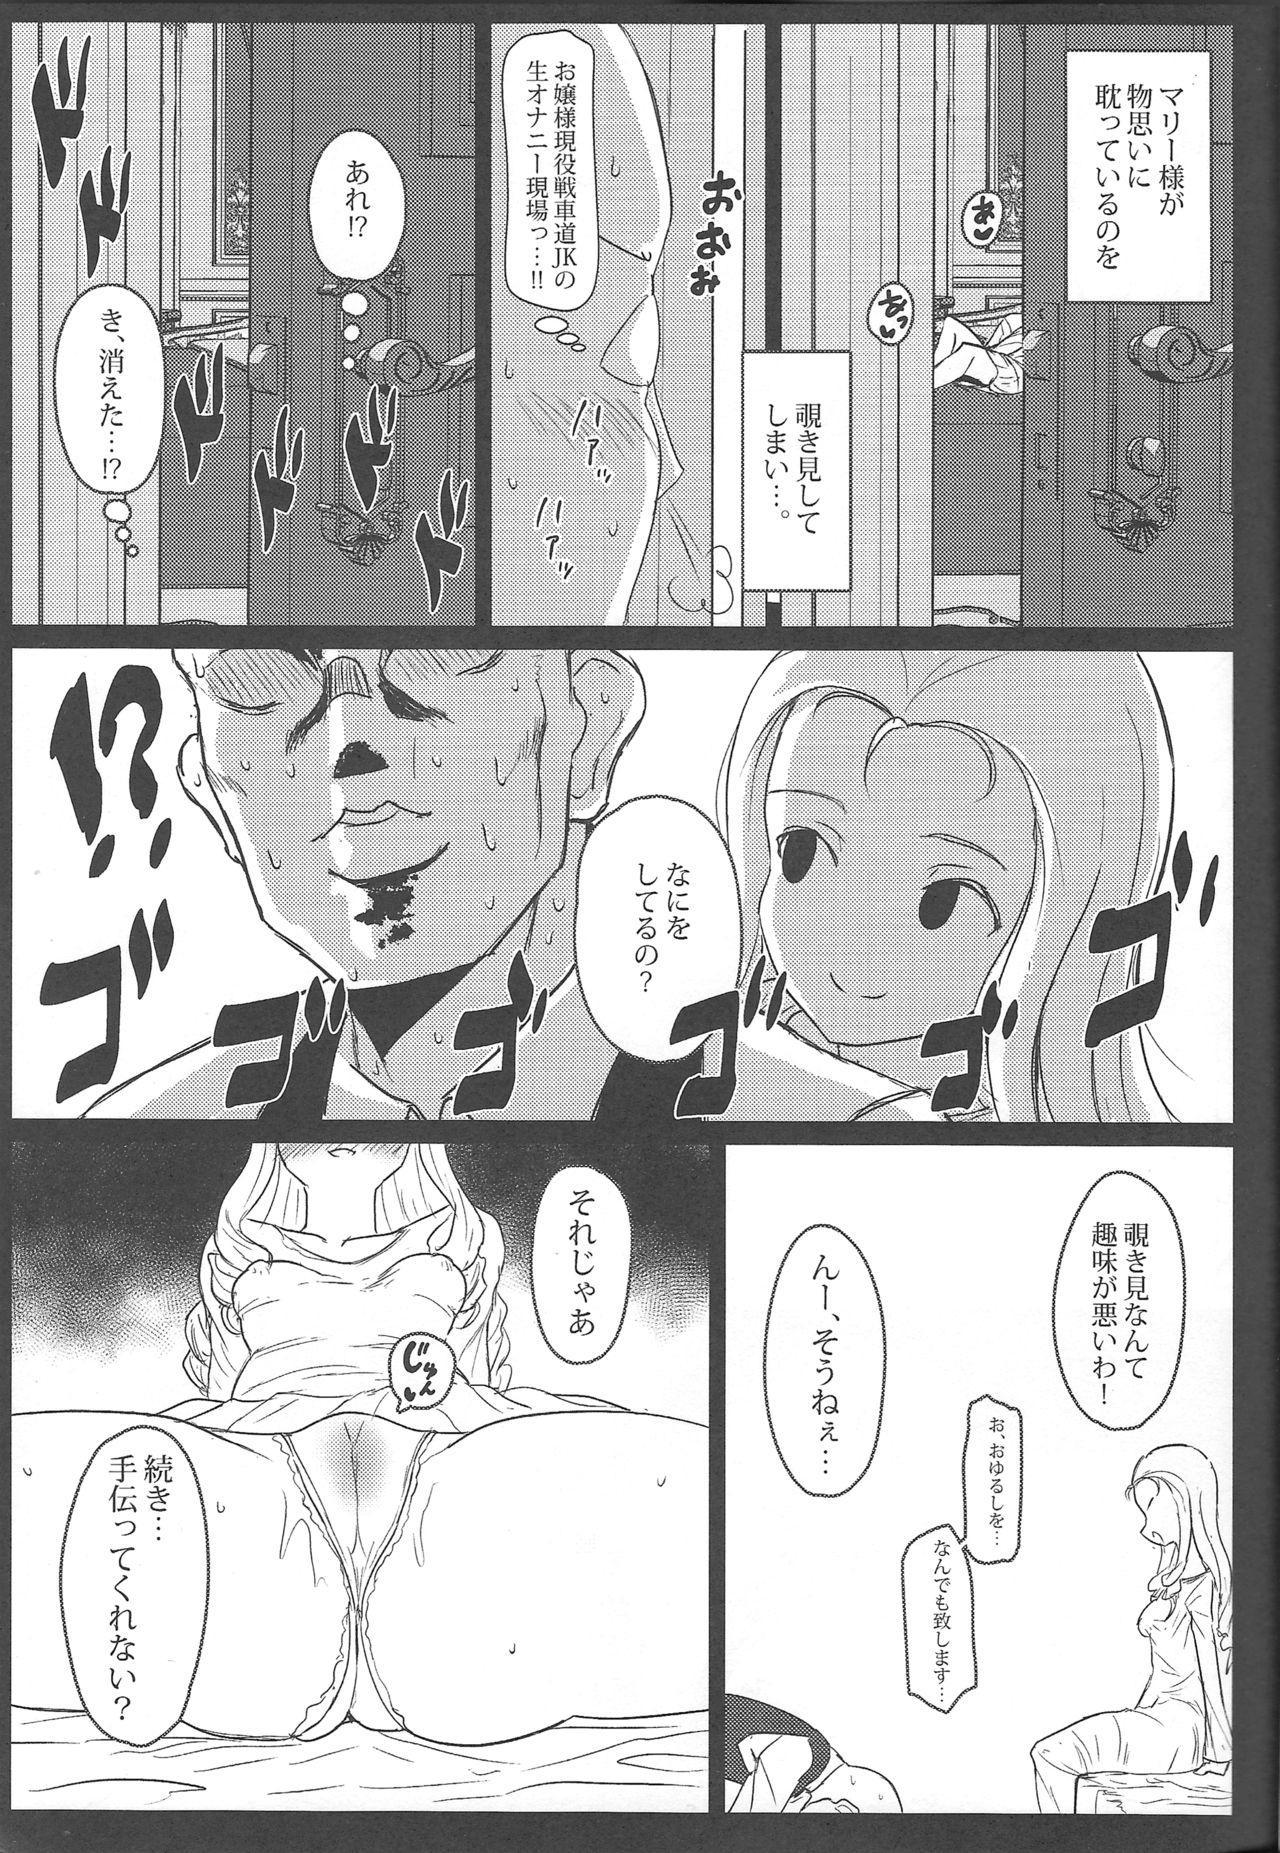 Marie-sama no Himegoto 3